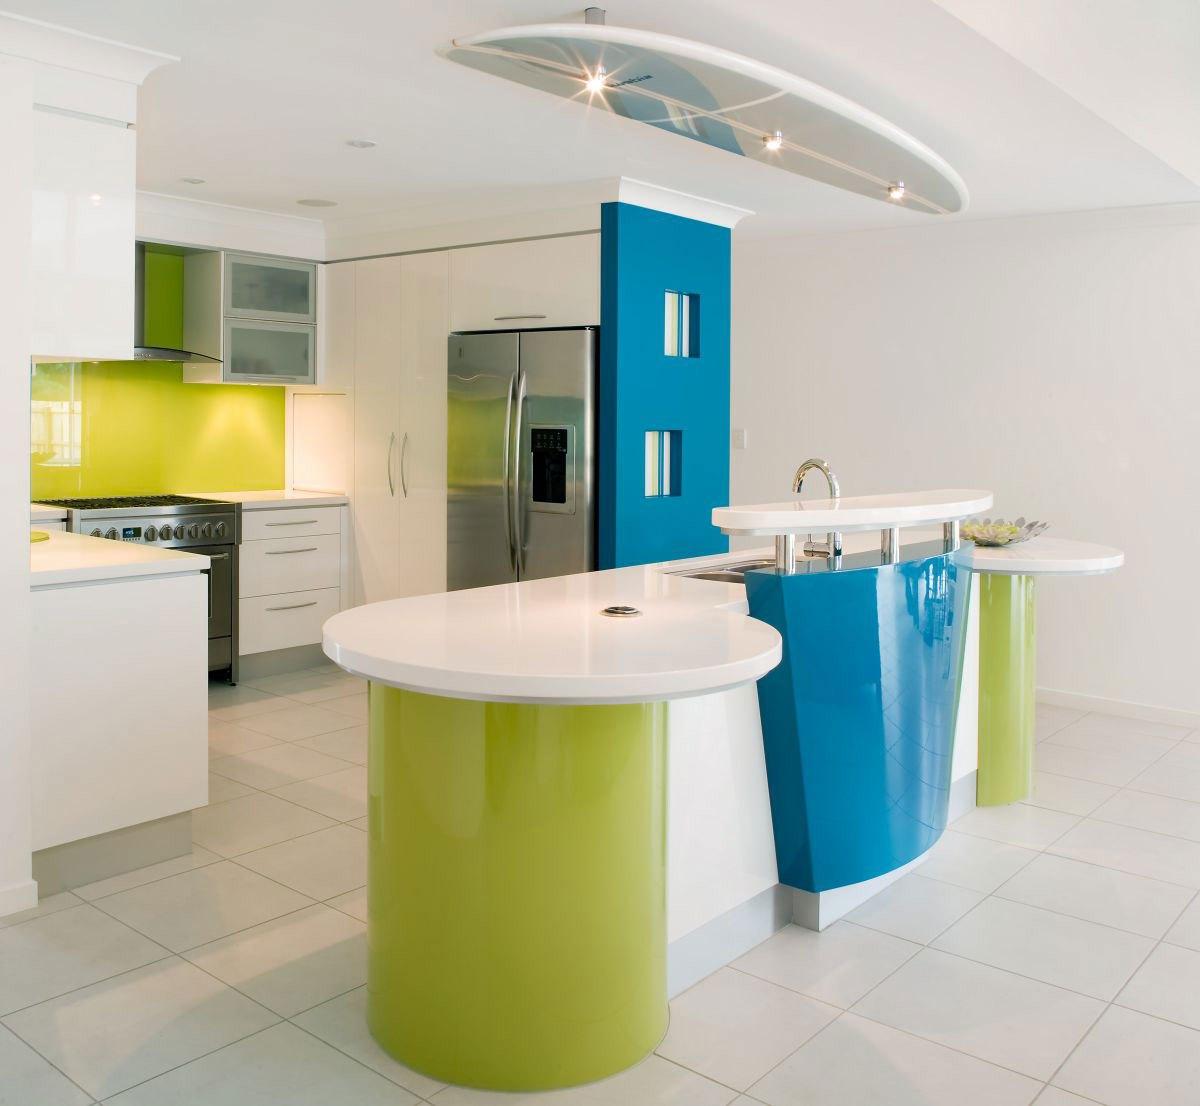 Сочетание зеленого цвета с синим в интерьере кухни